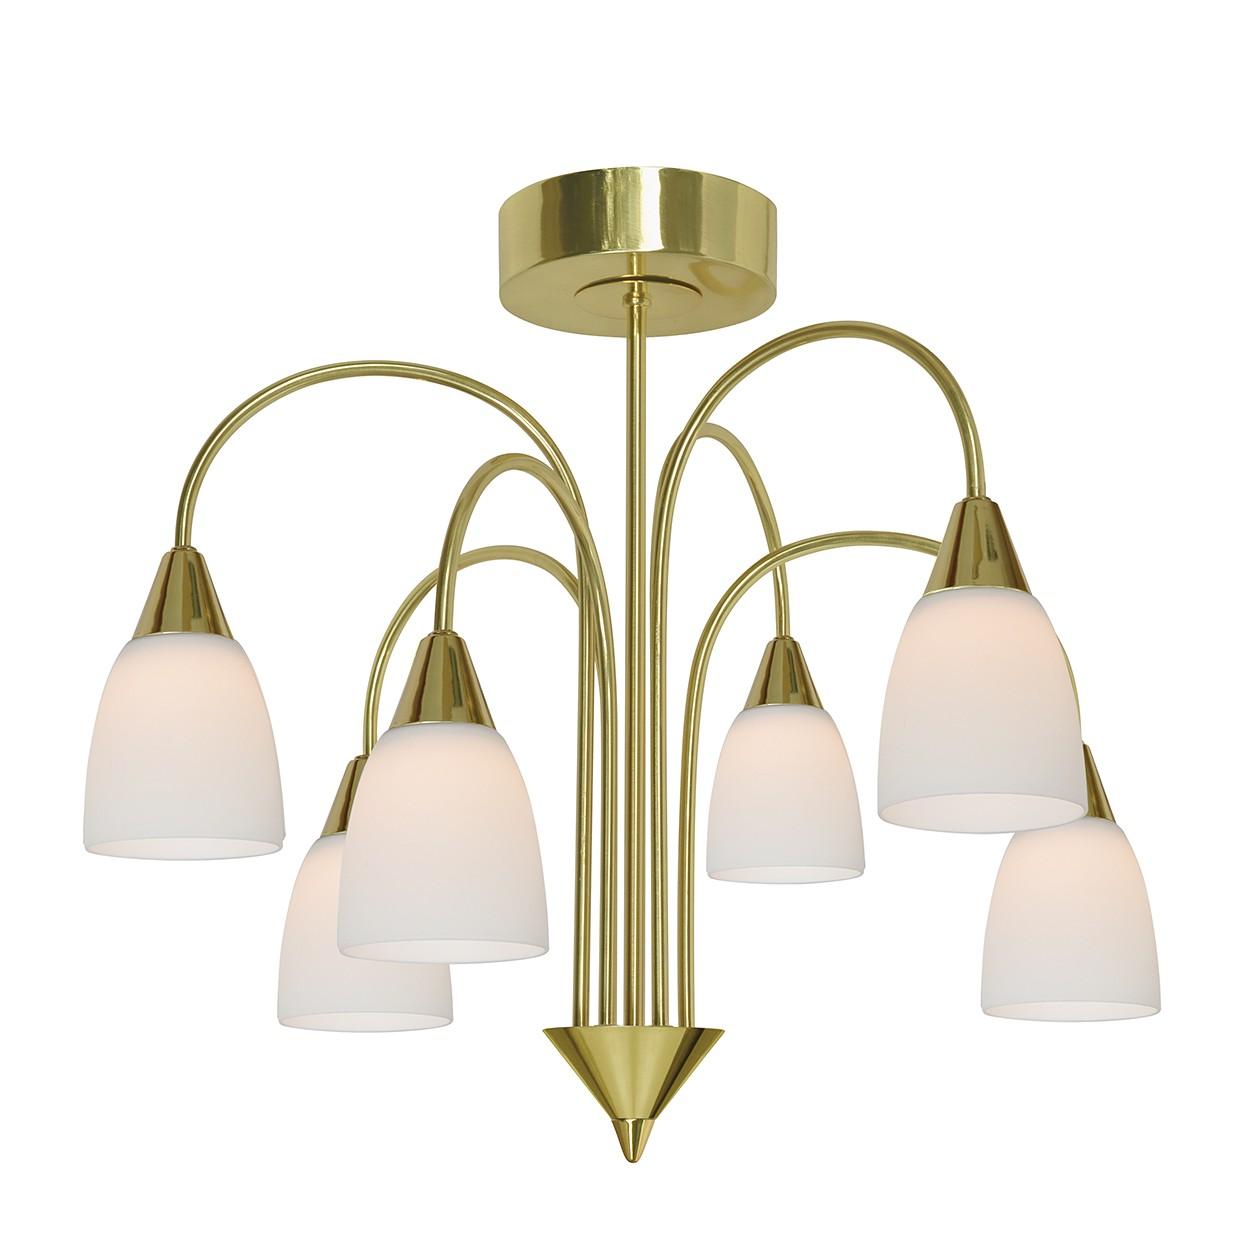 Deckenleuchte casa metall gold 6 flammig lux a g nstig for Deckenleuchte gold